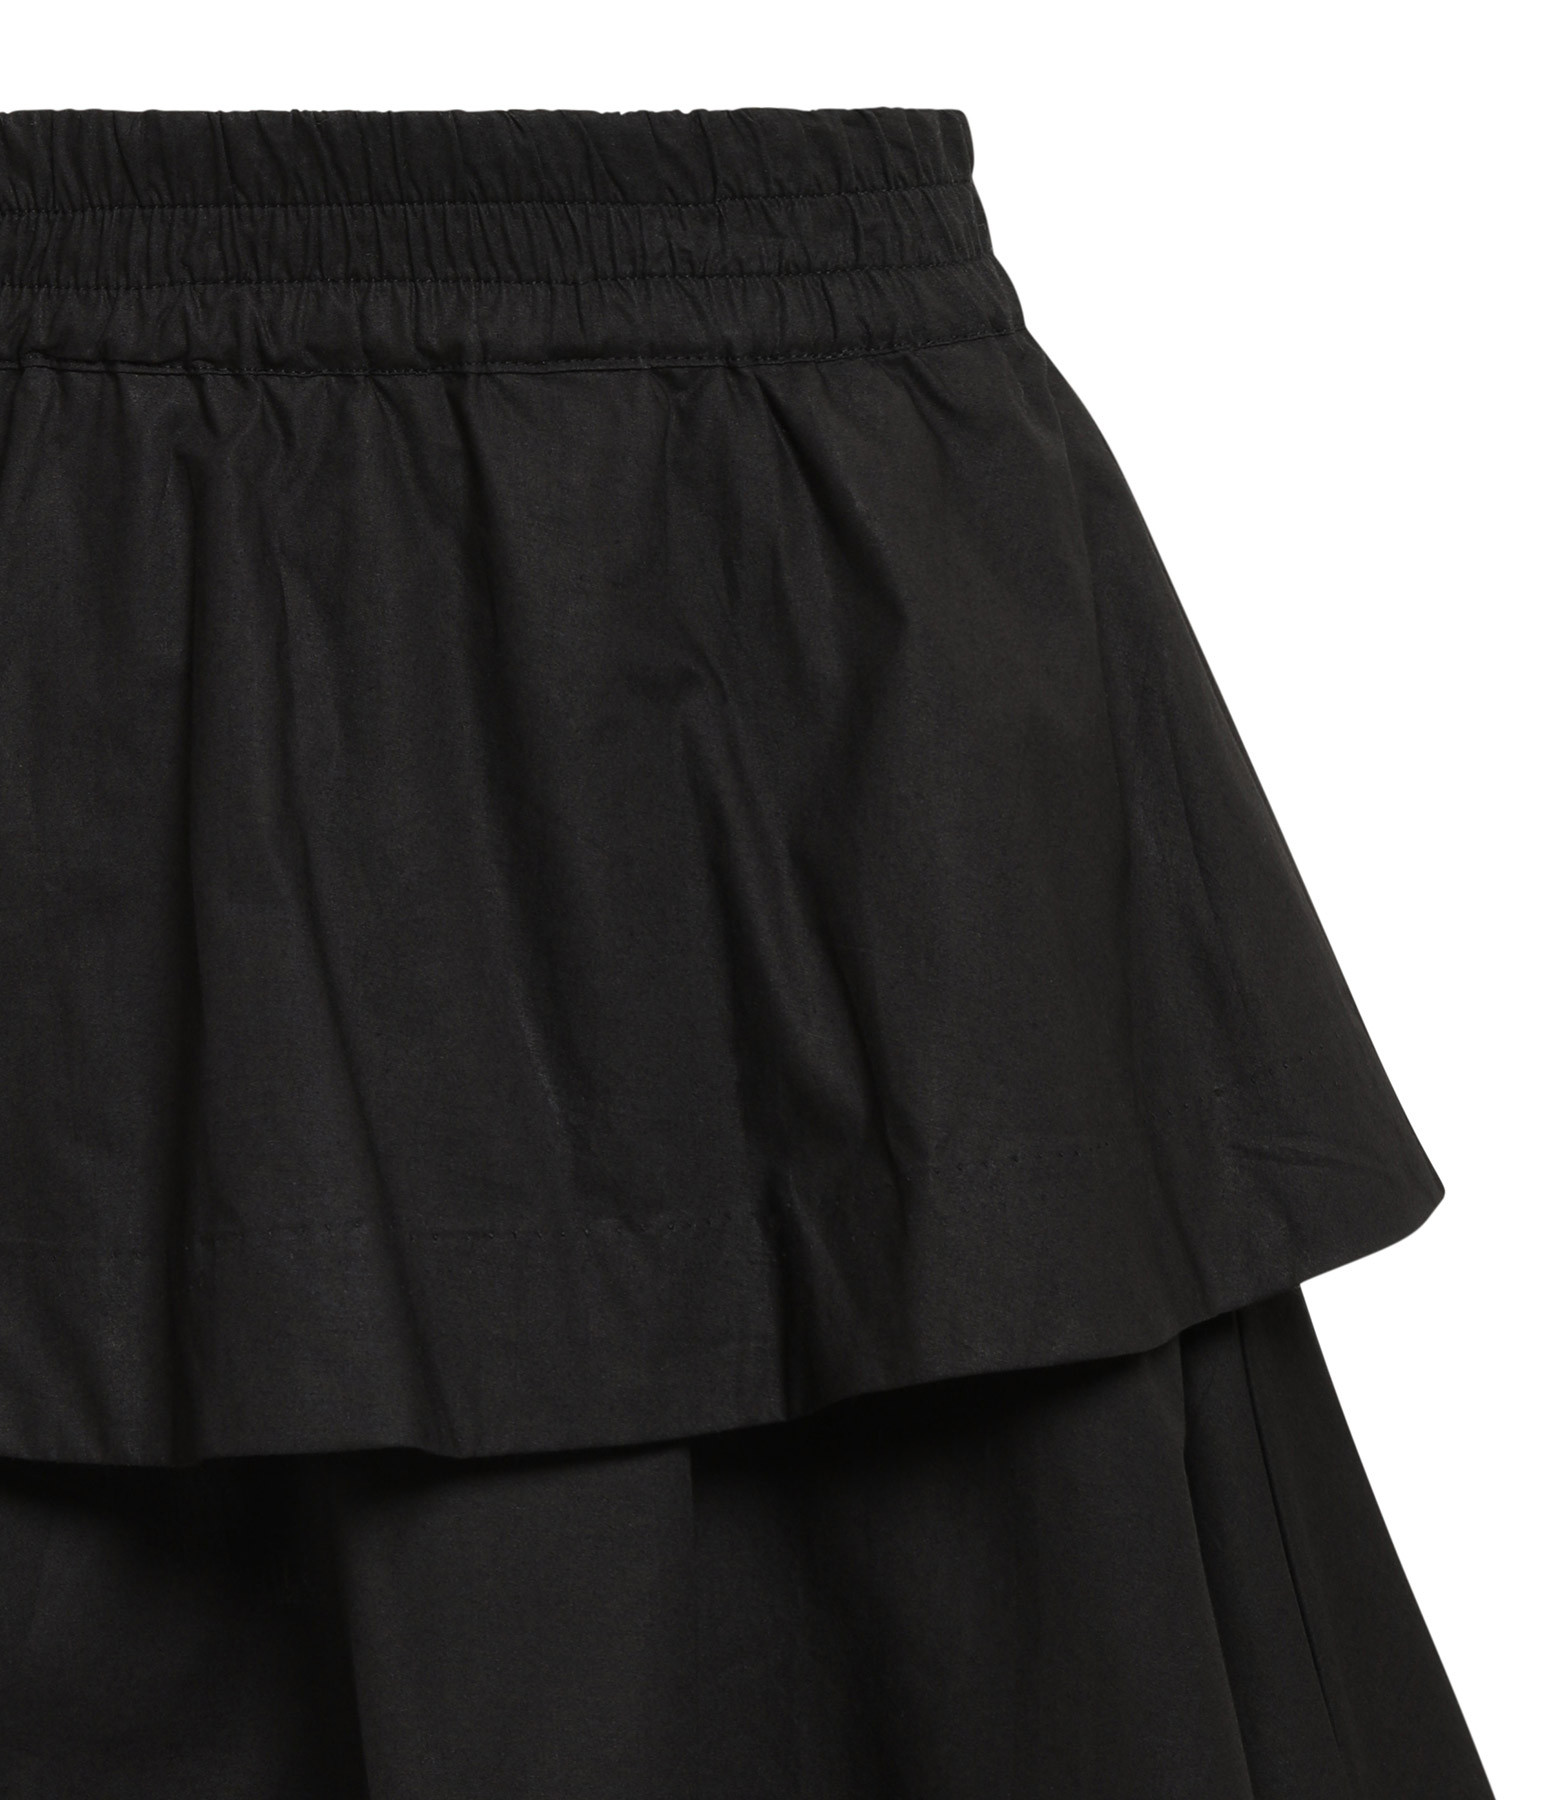 ROUGH STUDIOS - Jupe Lacey Coton Noir